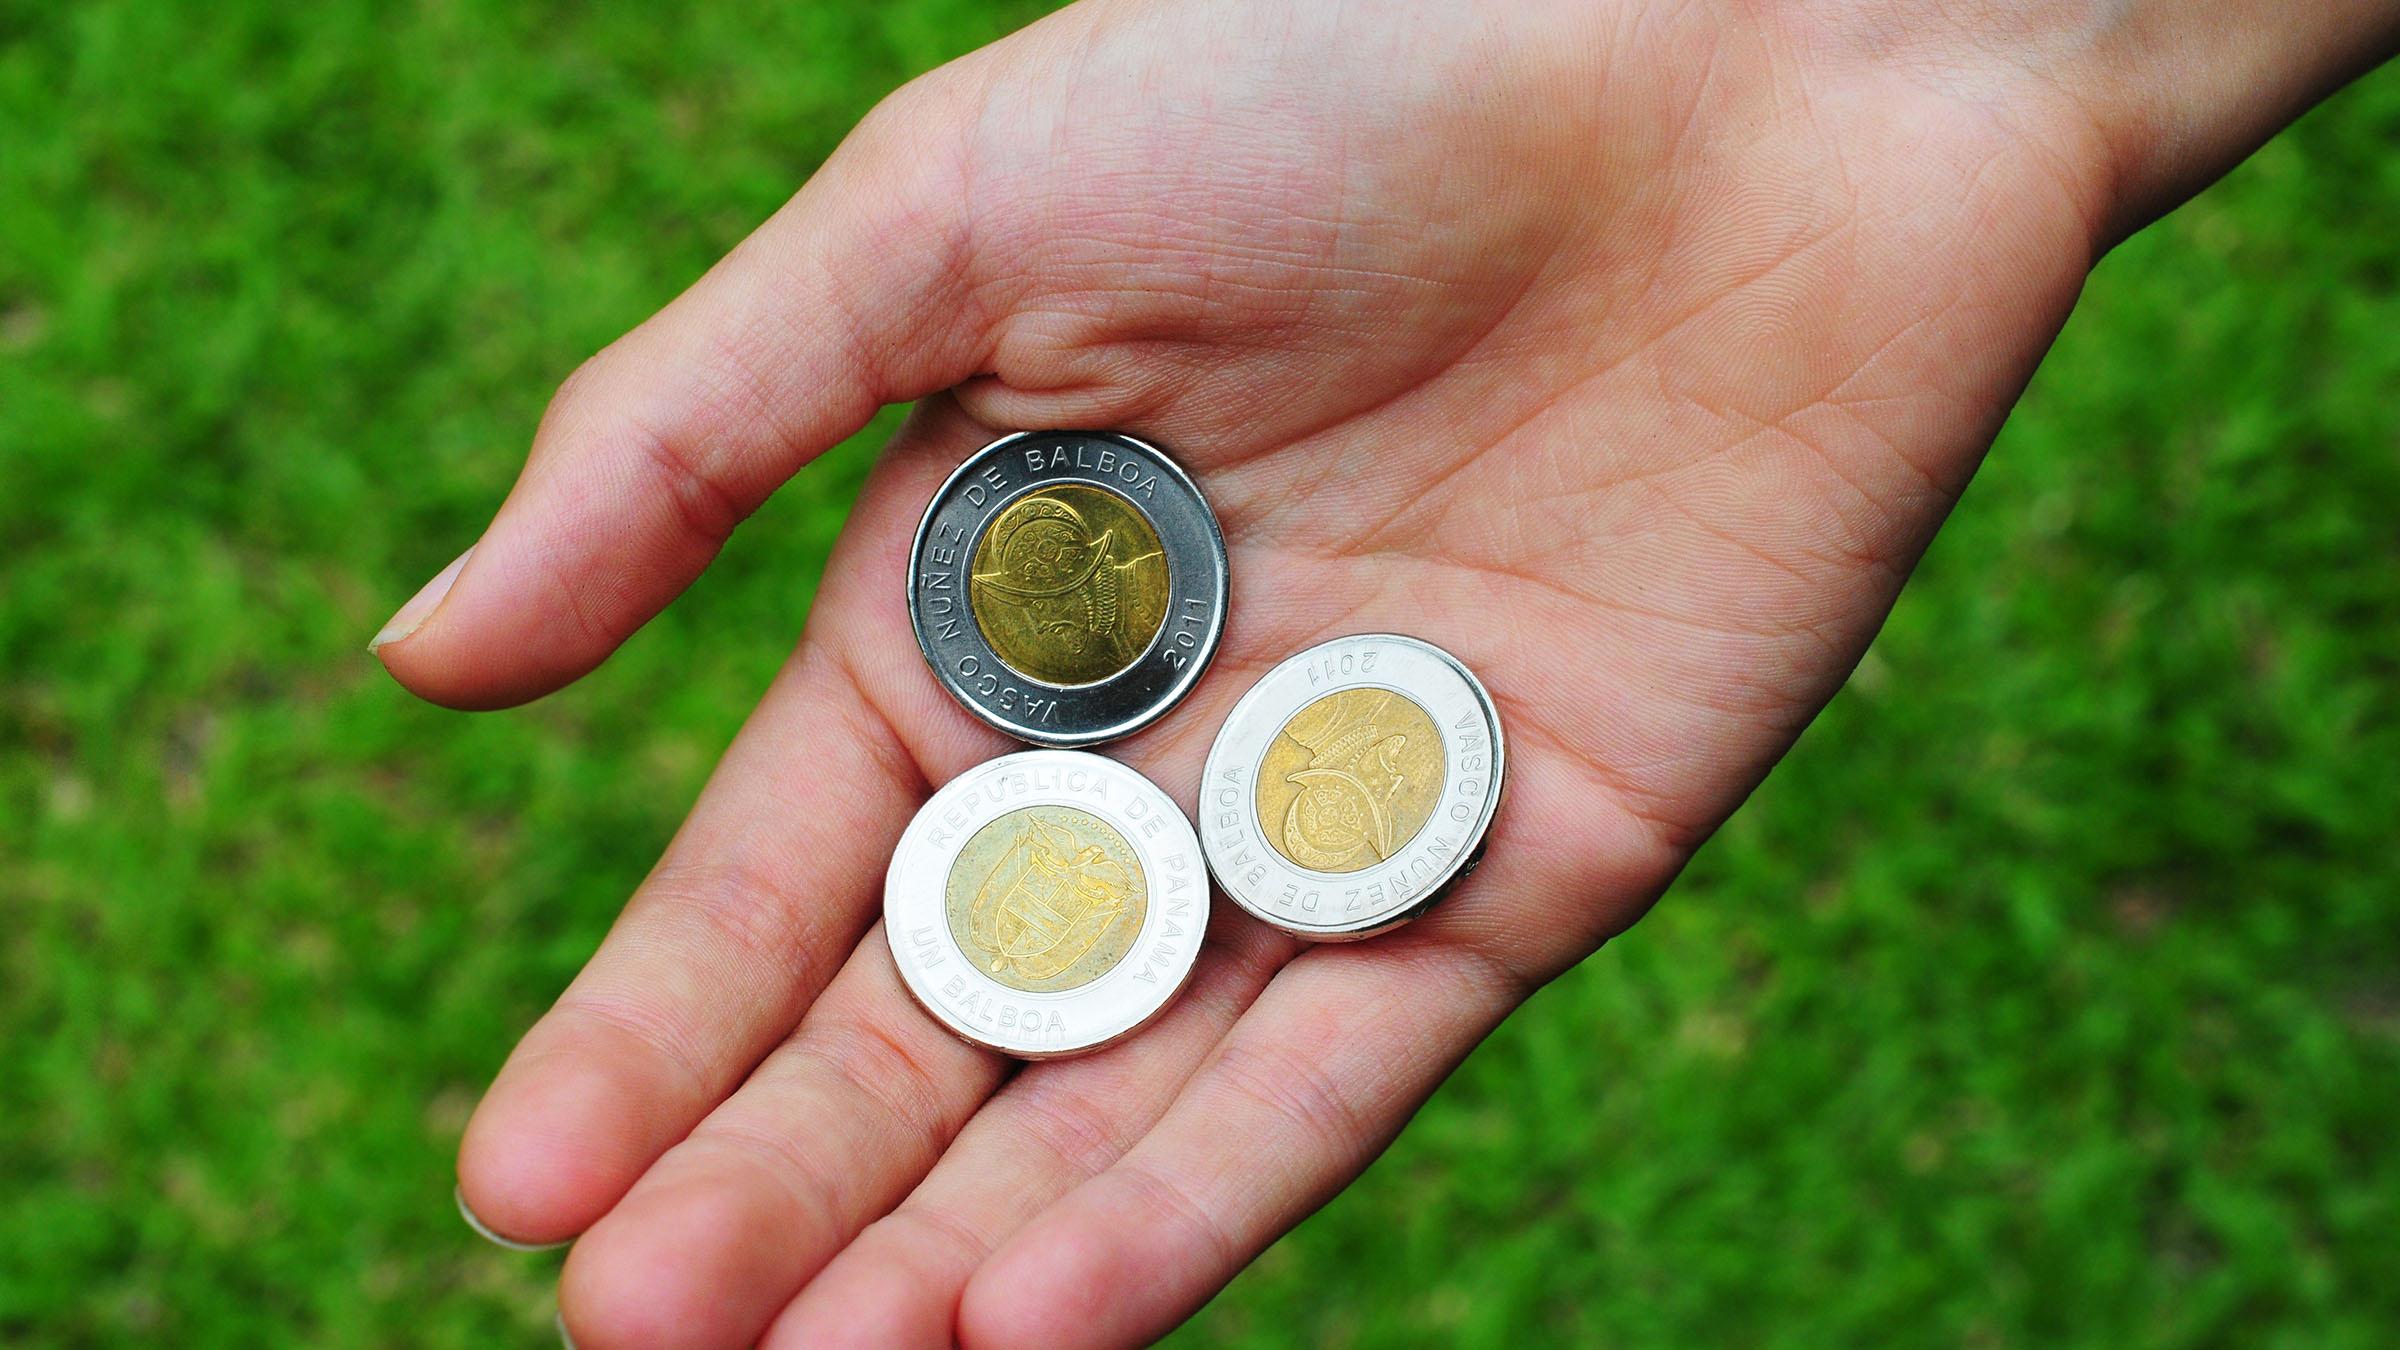 balboa dolar panama moneda